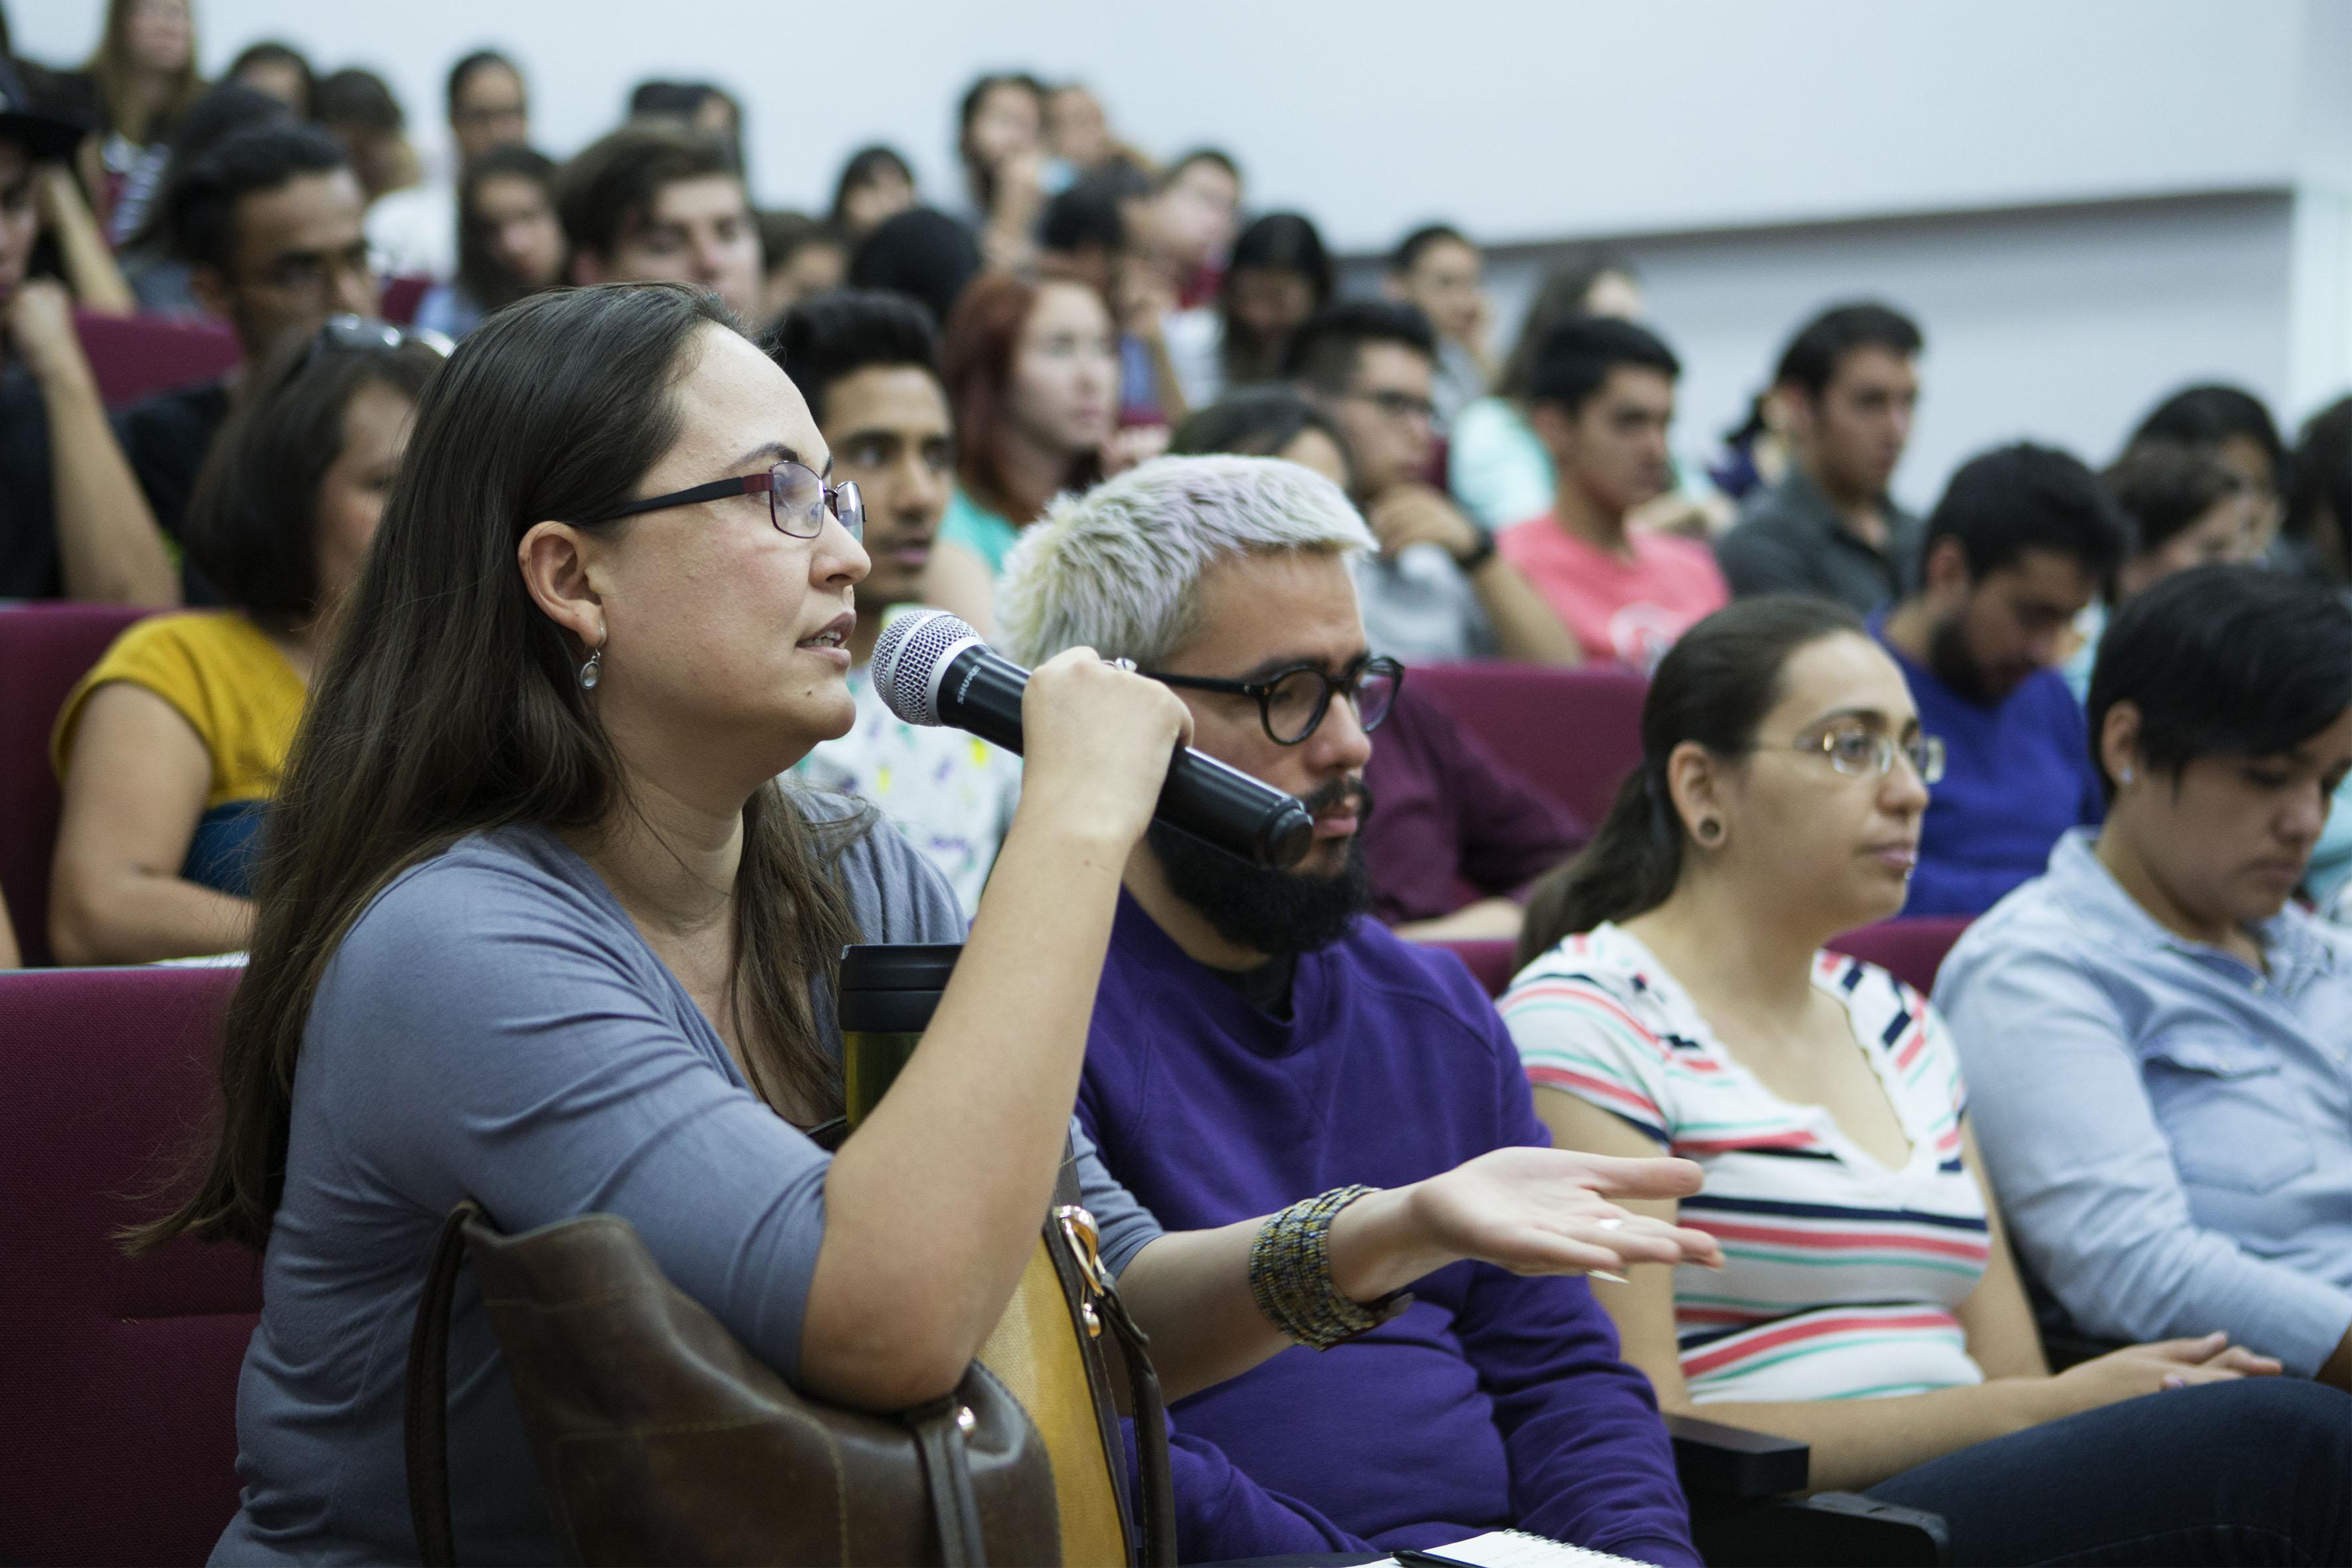 Estudiante  de la maestría en Ergonomía, participando en la charla del Académico de la Universidad Federal de Pernambuco, en Brasil, doctor Marcelo Márcio Soares